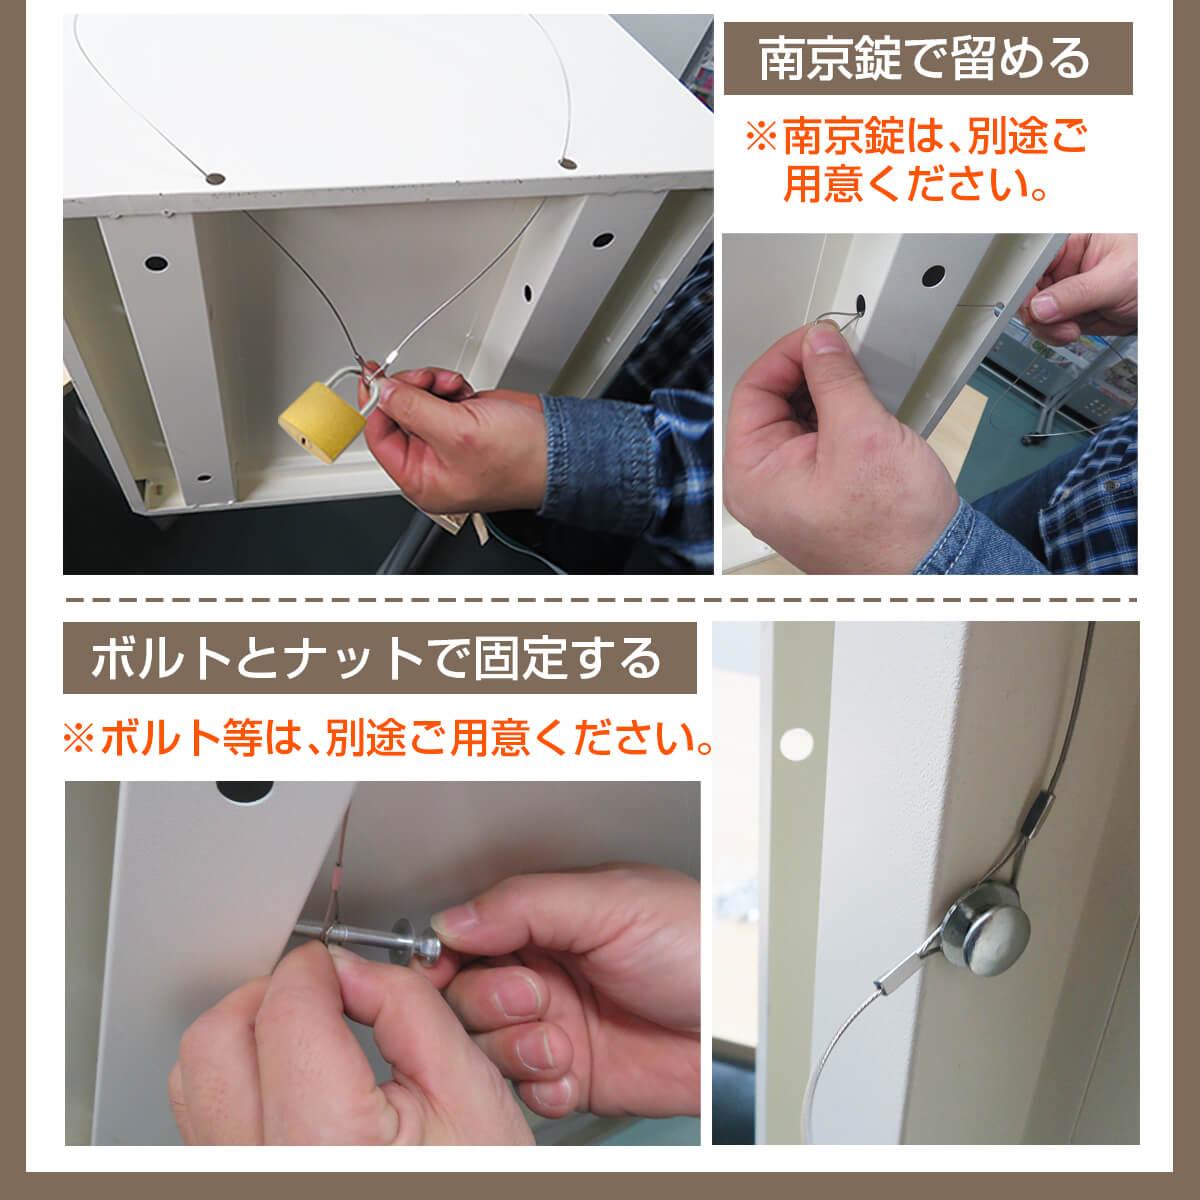 ルスネコボックス®をワイヤーで設置する方法1